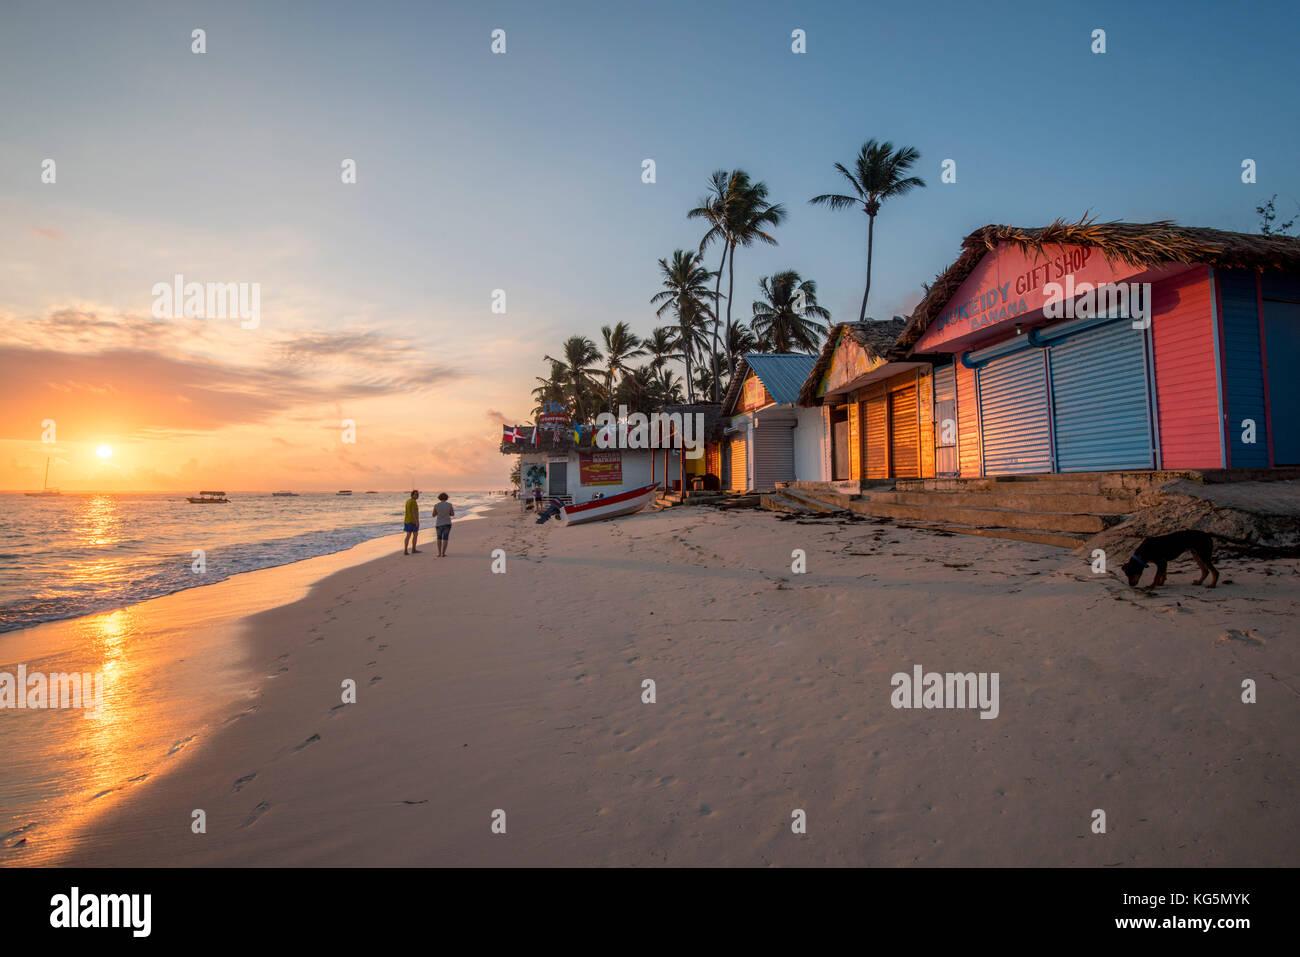 Bavaro Beach, bavaro, higuey, Punta Cana Repubblica Dominicana. cabine sulla spiaggia, a sunrise. Immagini Stock